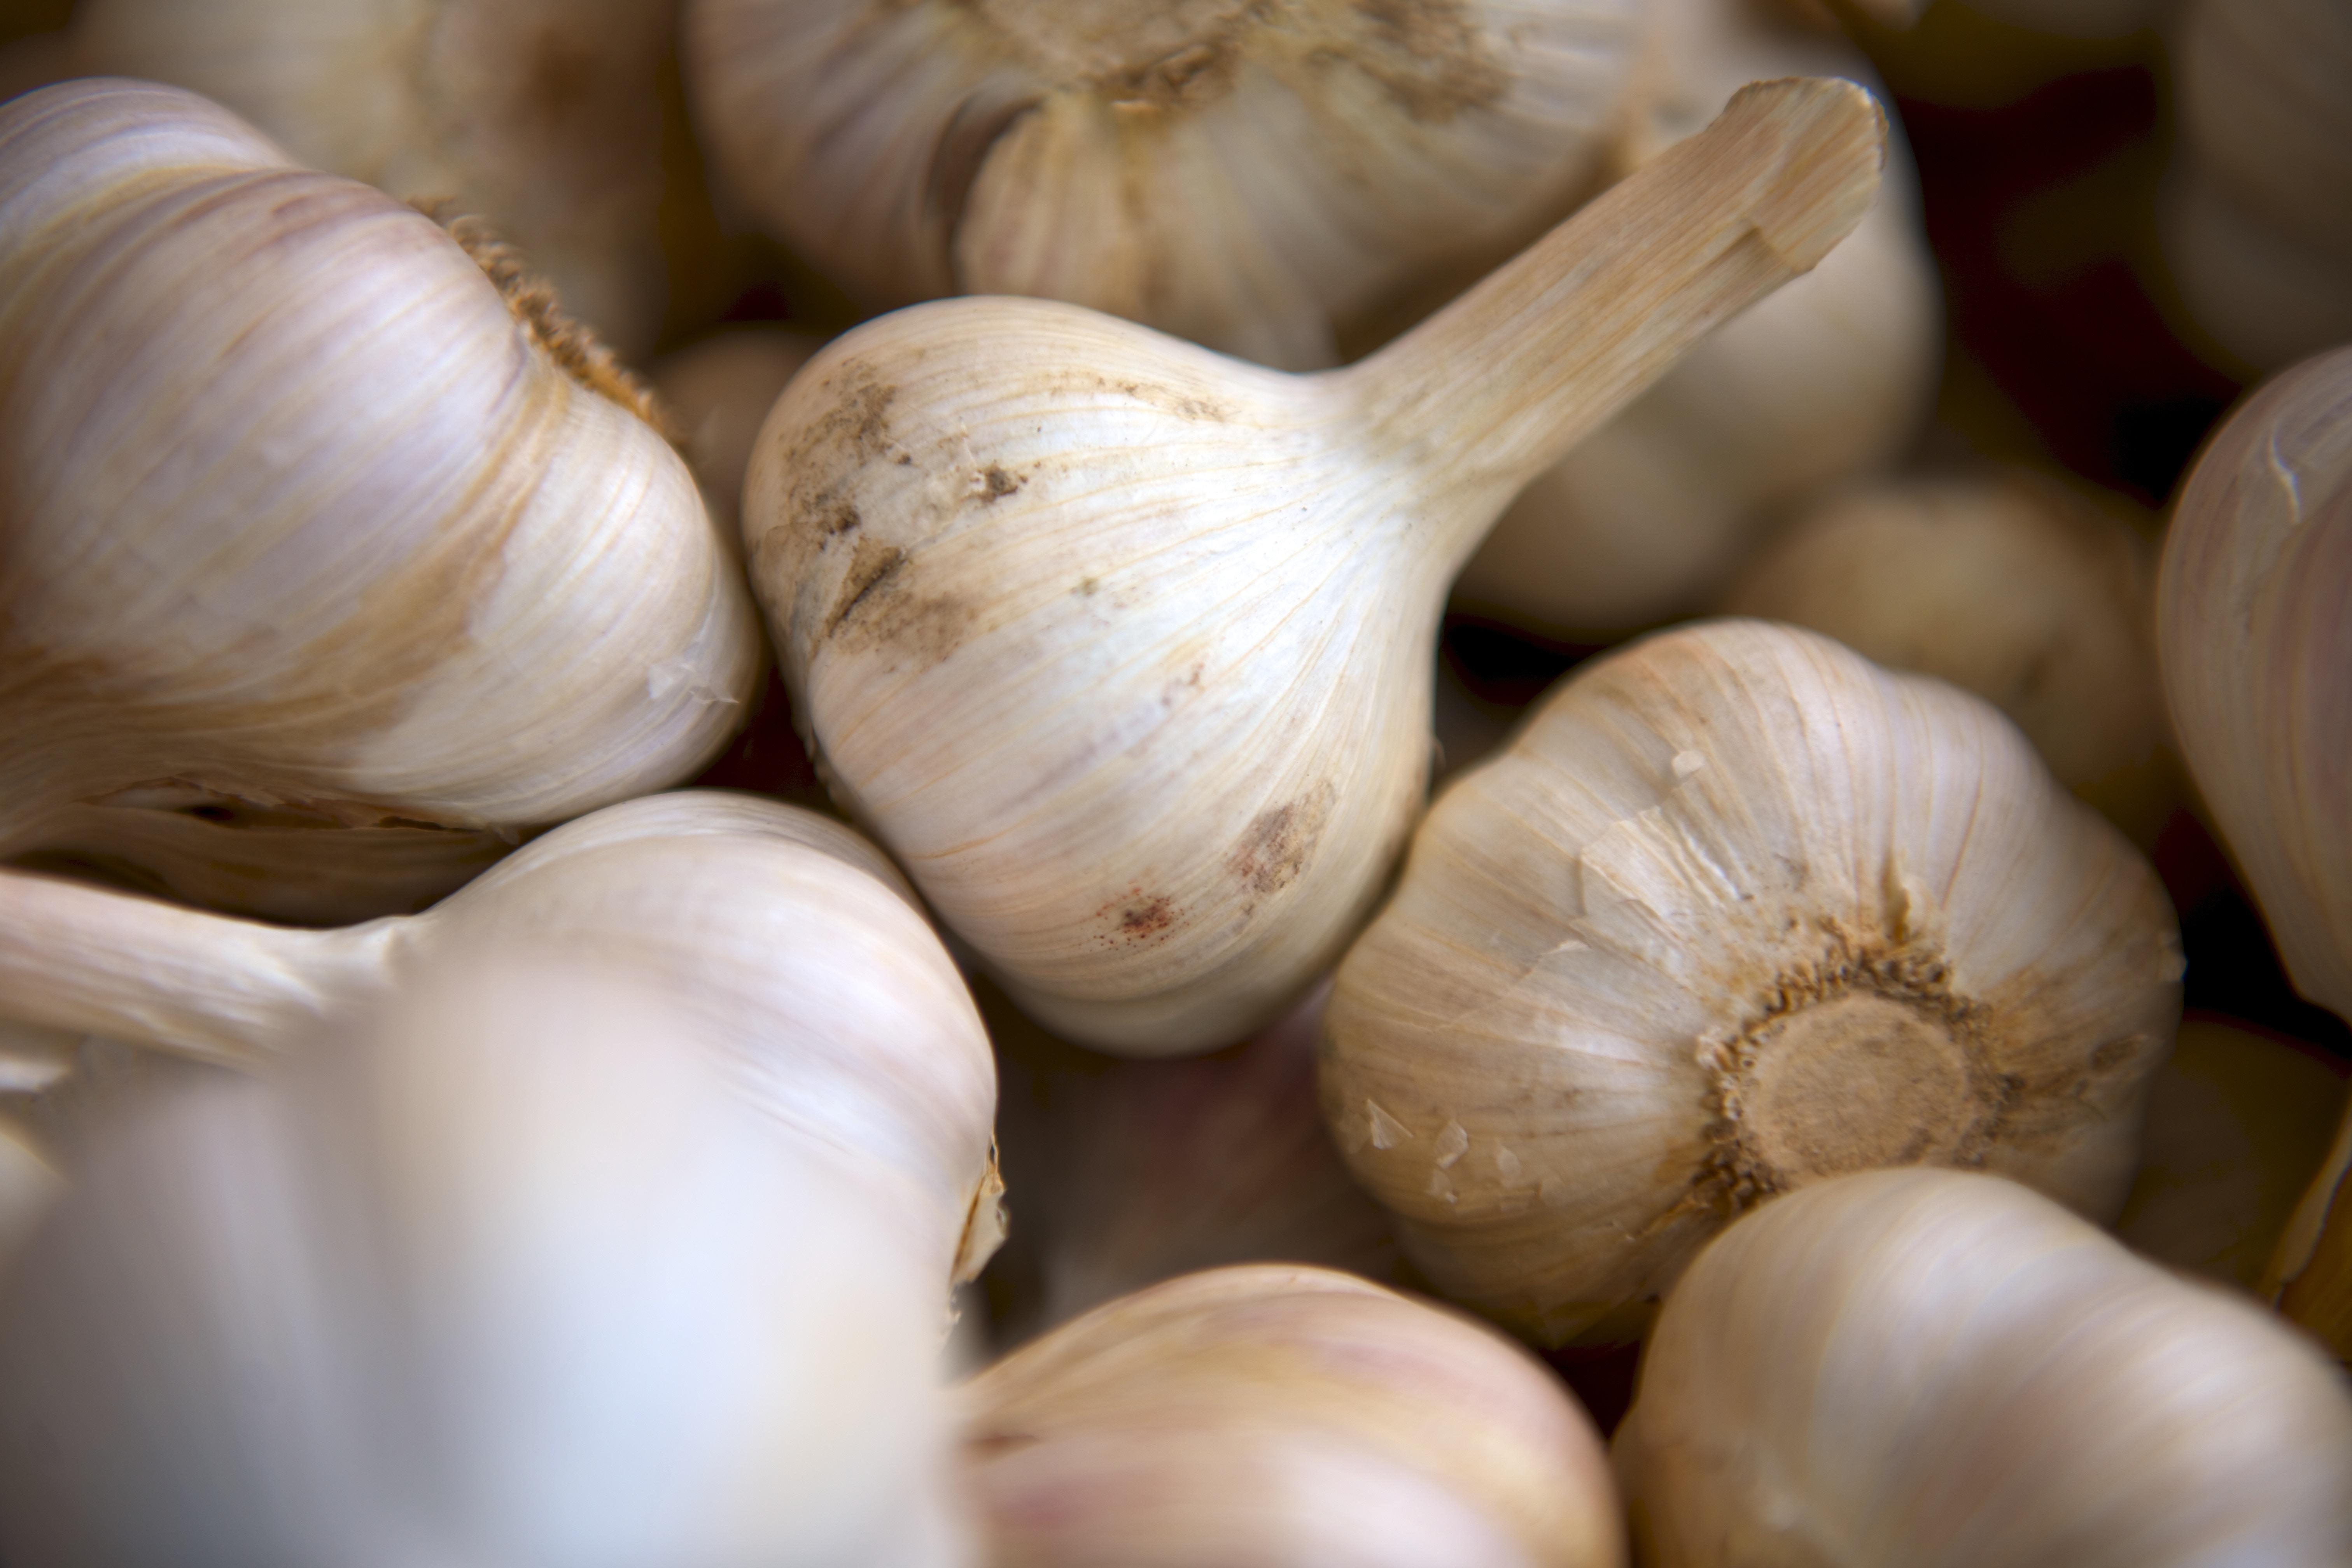 Top 10 superfoods - Garlic